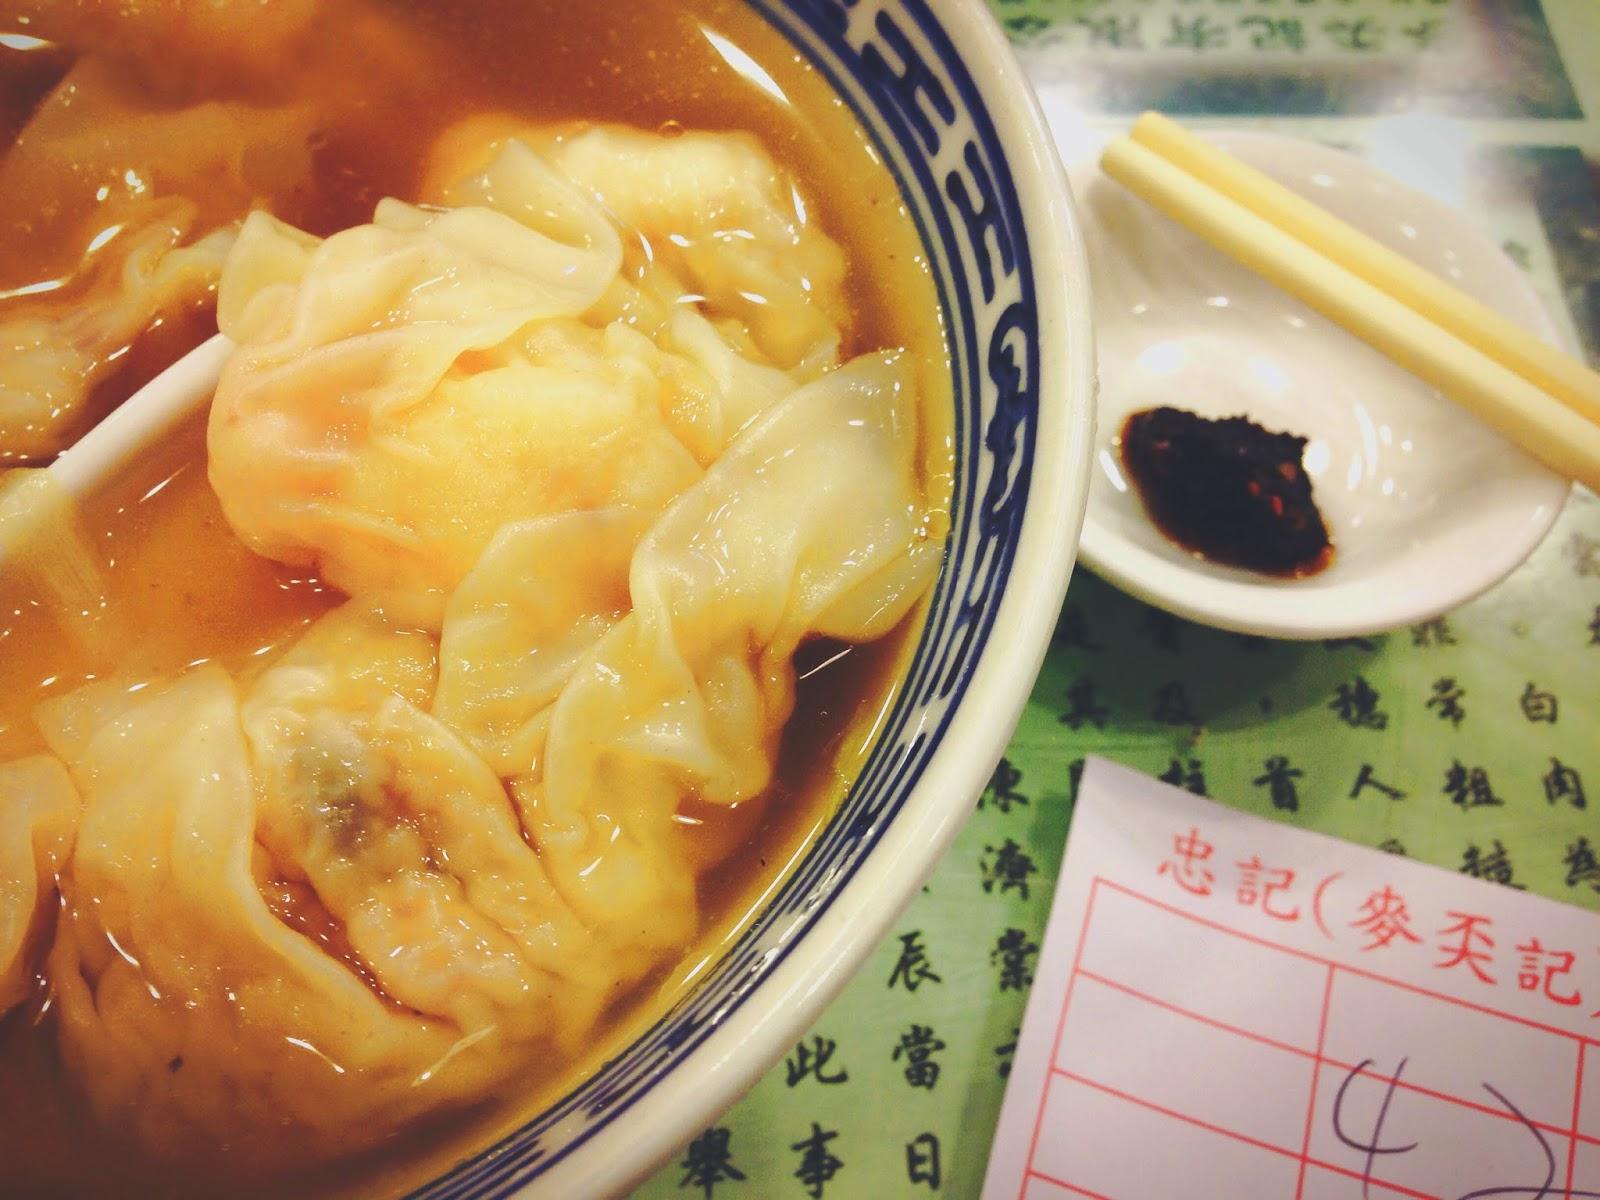 Mak An Kee Chung Kee Noodles Wanton